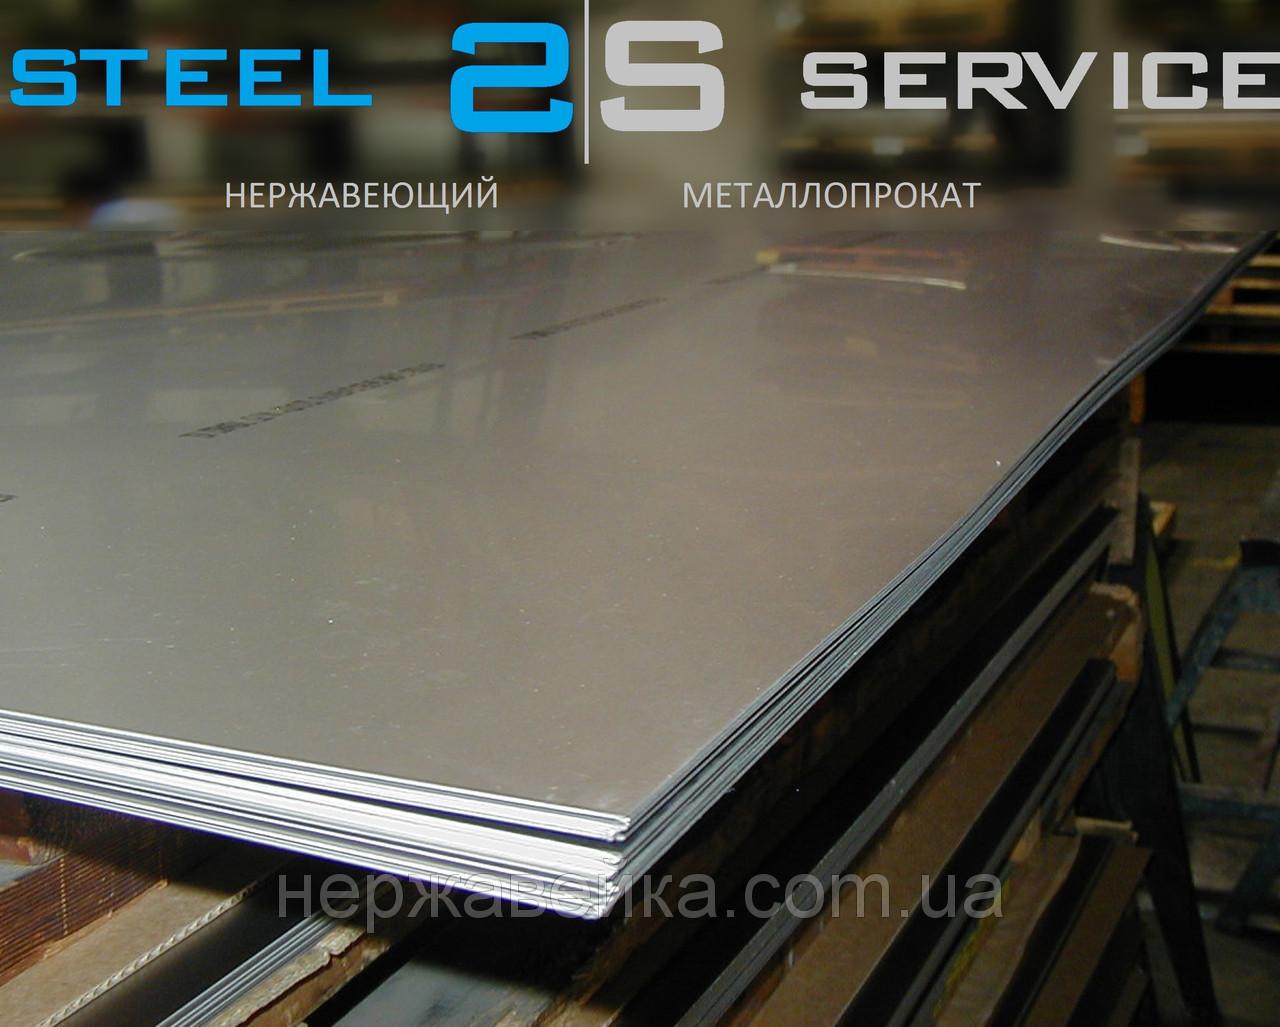 Листовая нержавейка 1х1500х3000мм  AISI 316Ti(10Х17Н13М2Т) BA - зеркало,  кислотостойкий